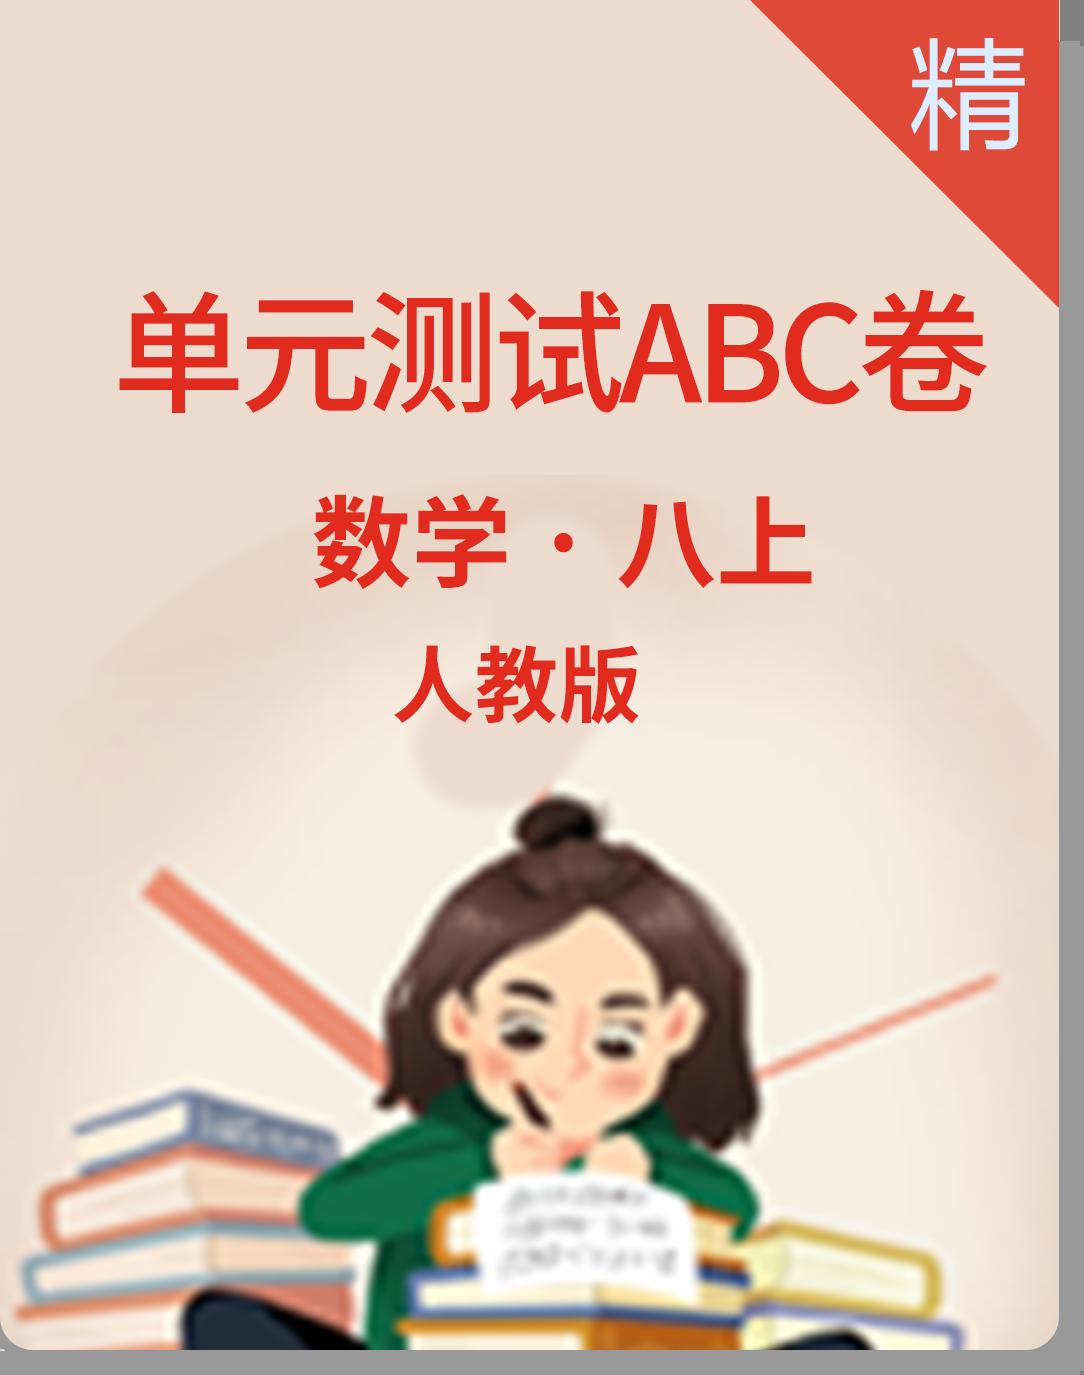 人教版数学八年级上册 单元测试ABC卷